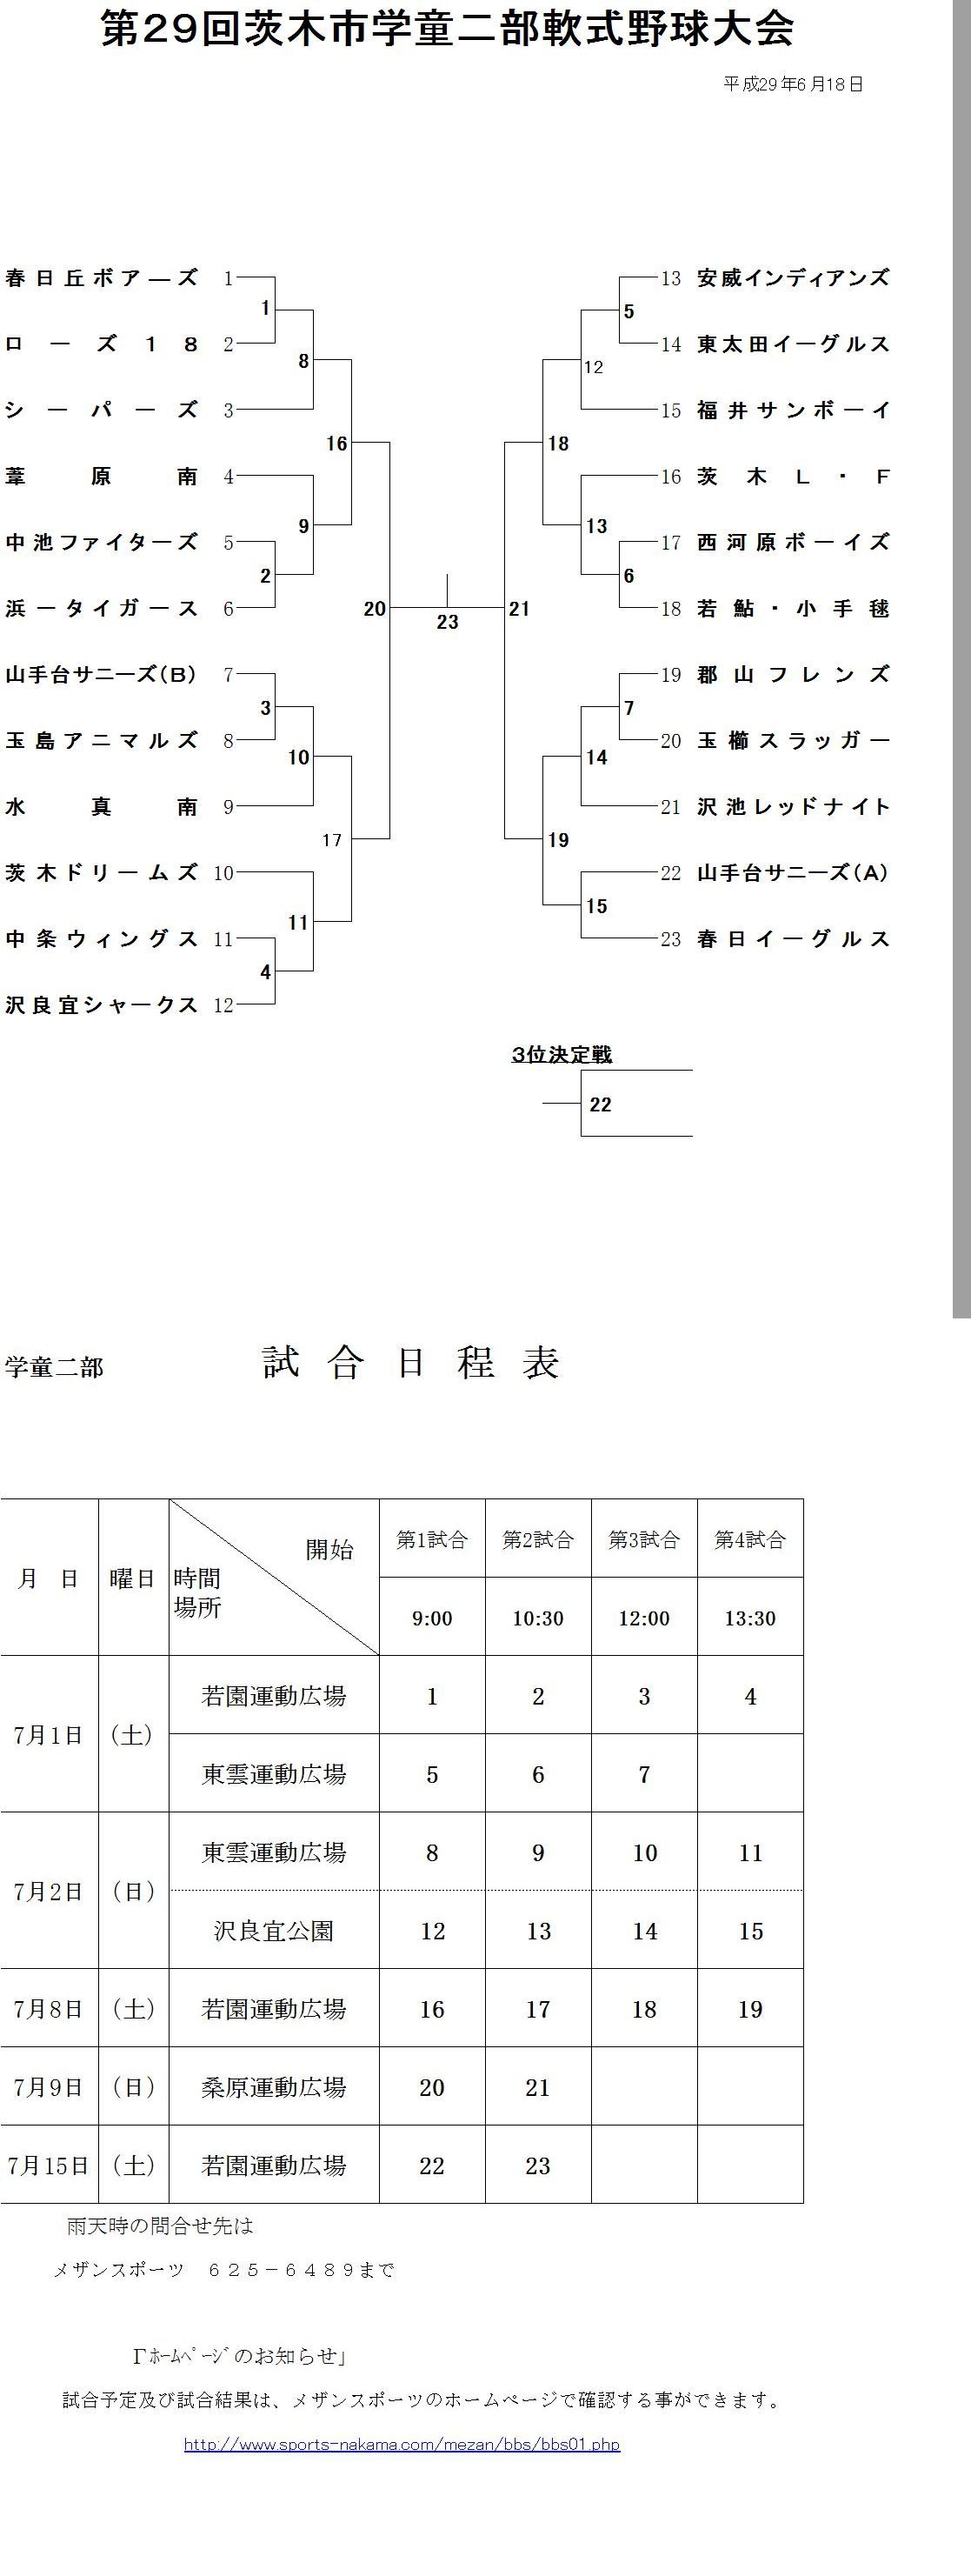 学童二部組み合わせ表_日程表